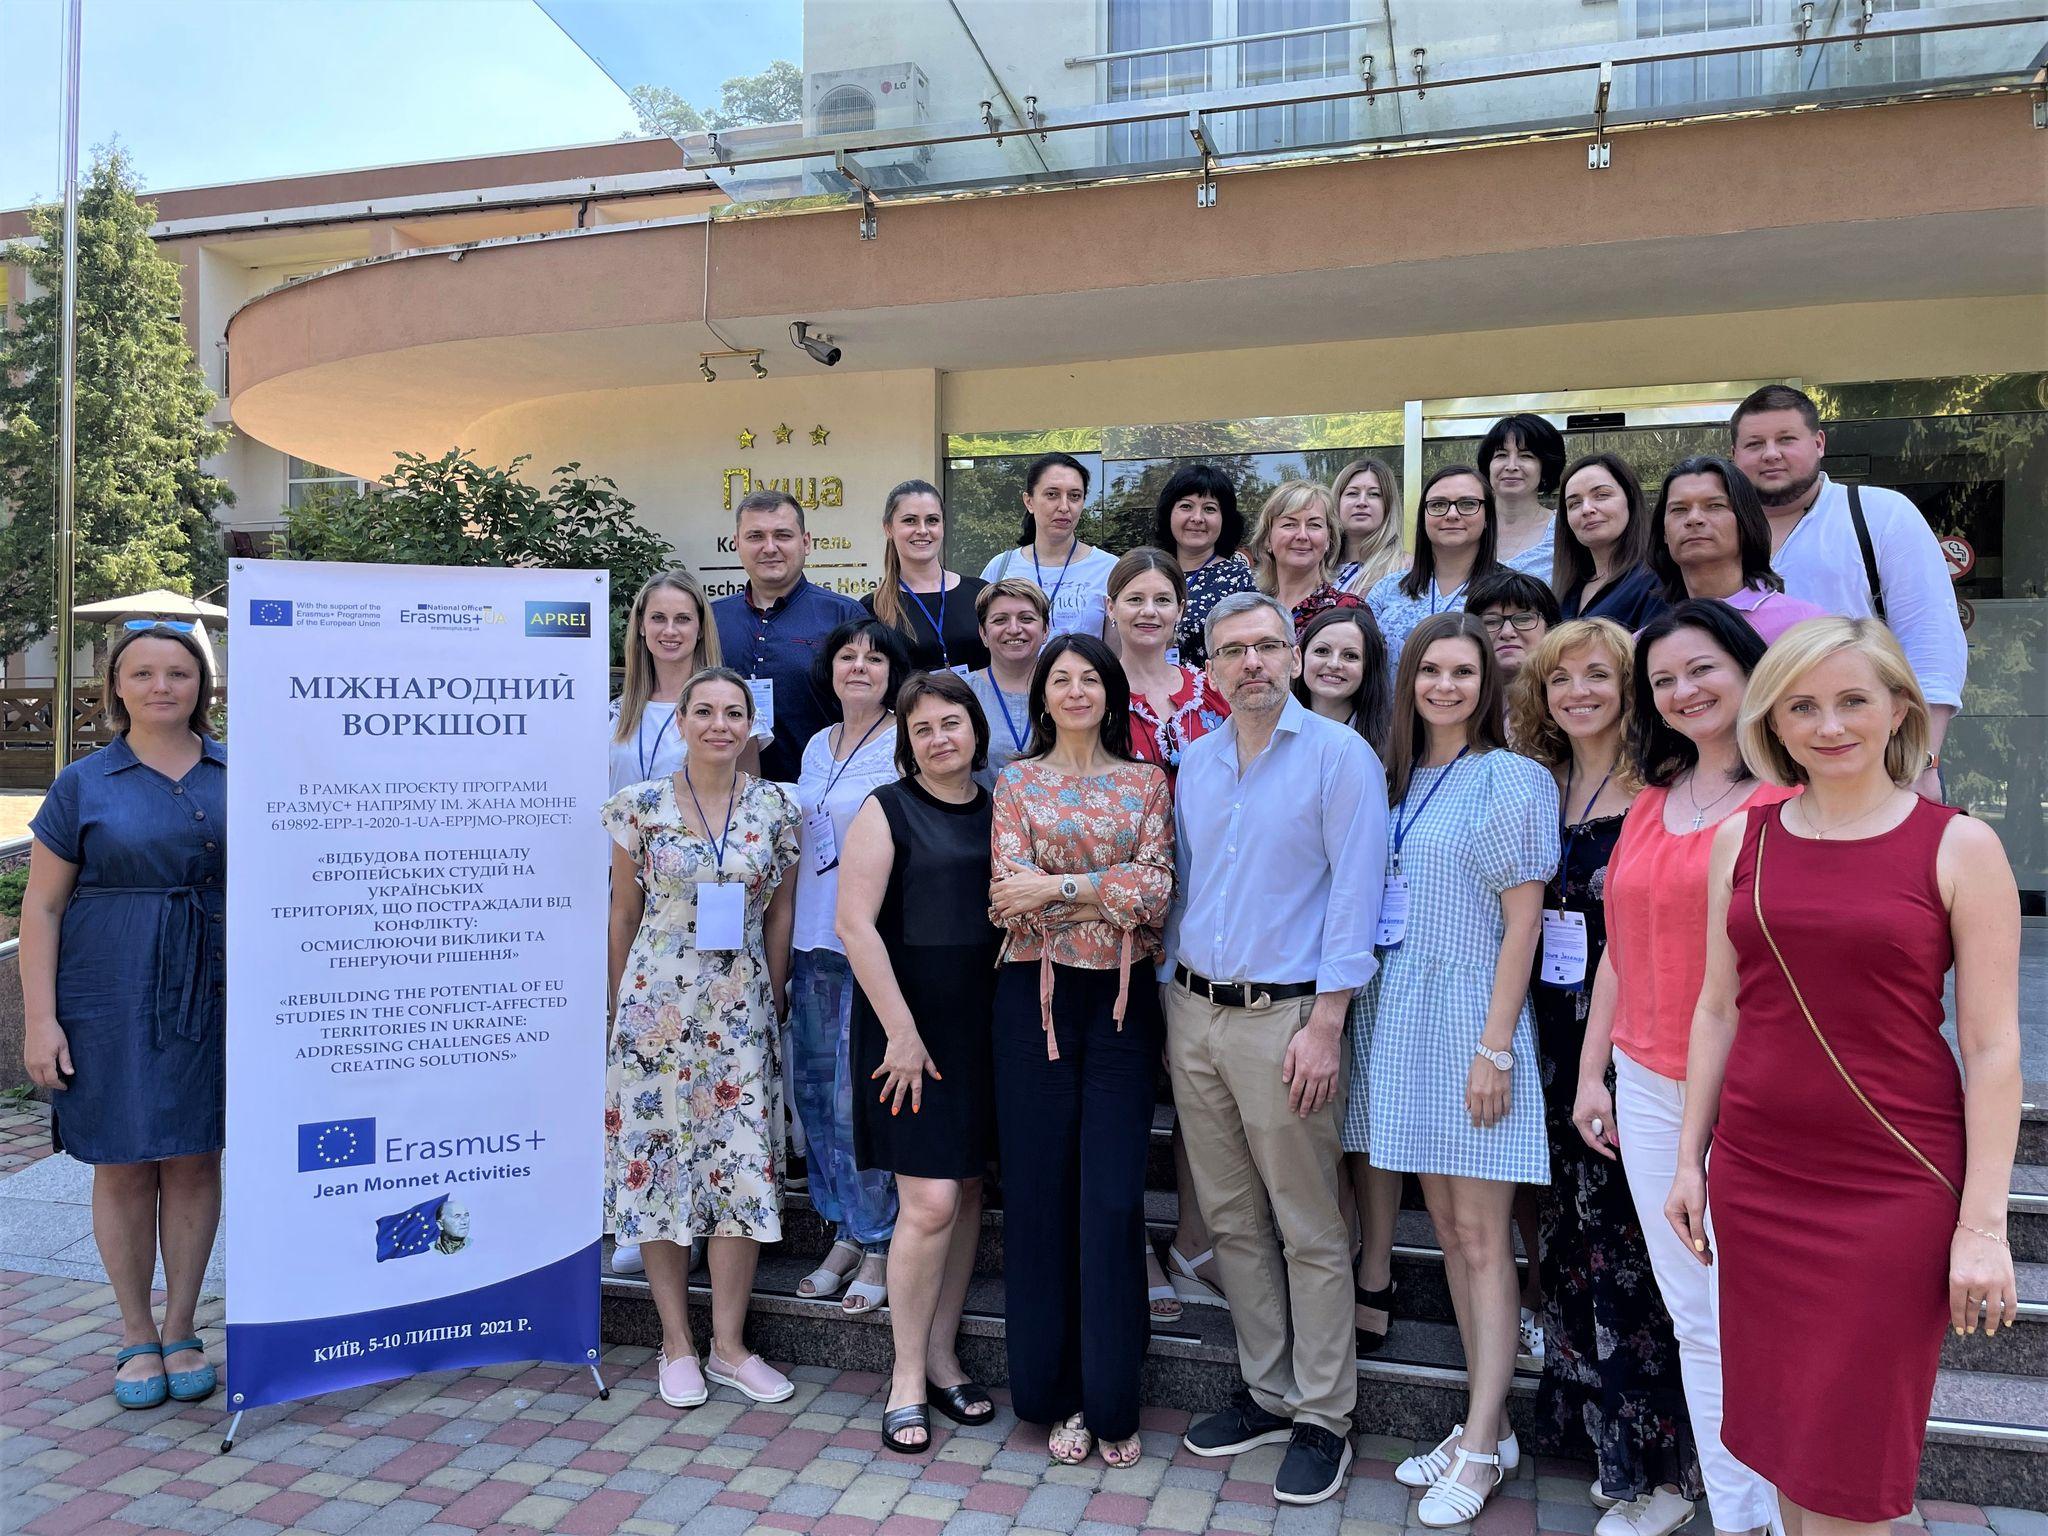 Викладач Університету – координатор проєкту з розвитку Європейських студій на українських територіях, що постраждали від конфлікту